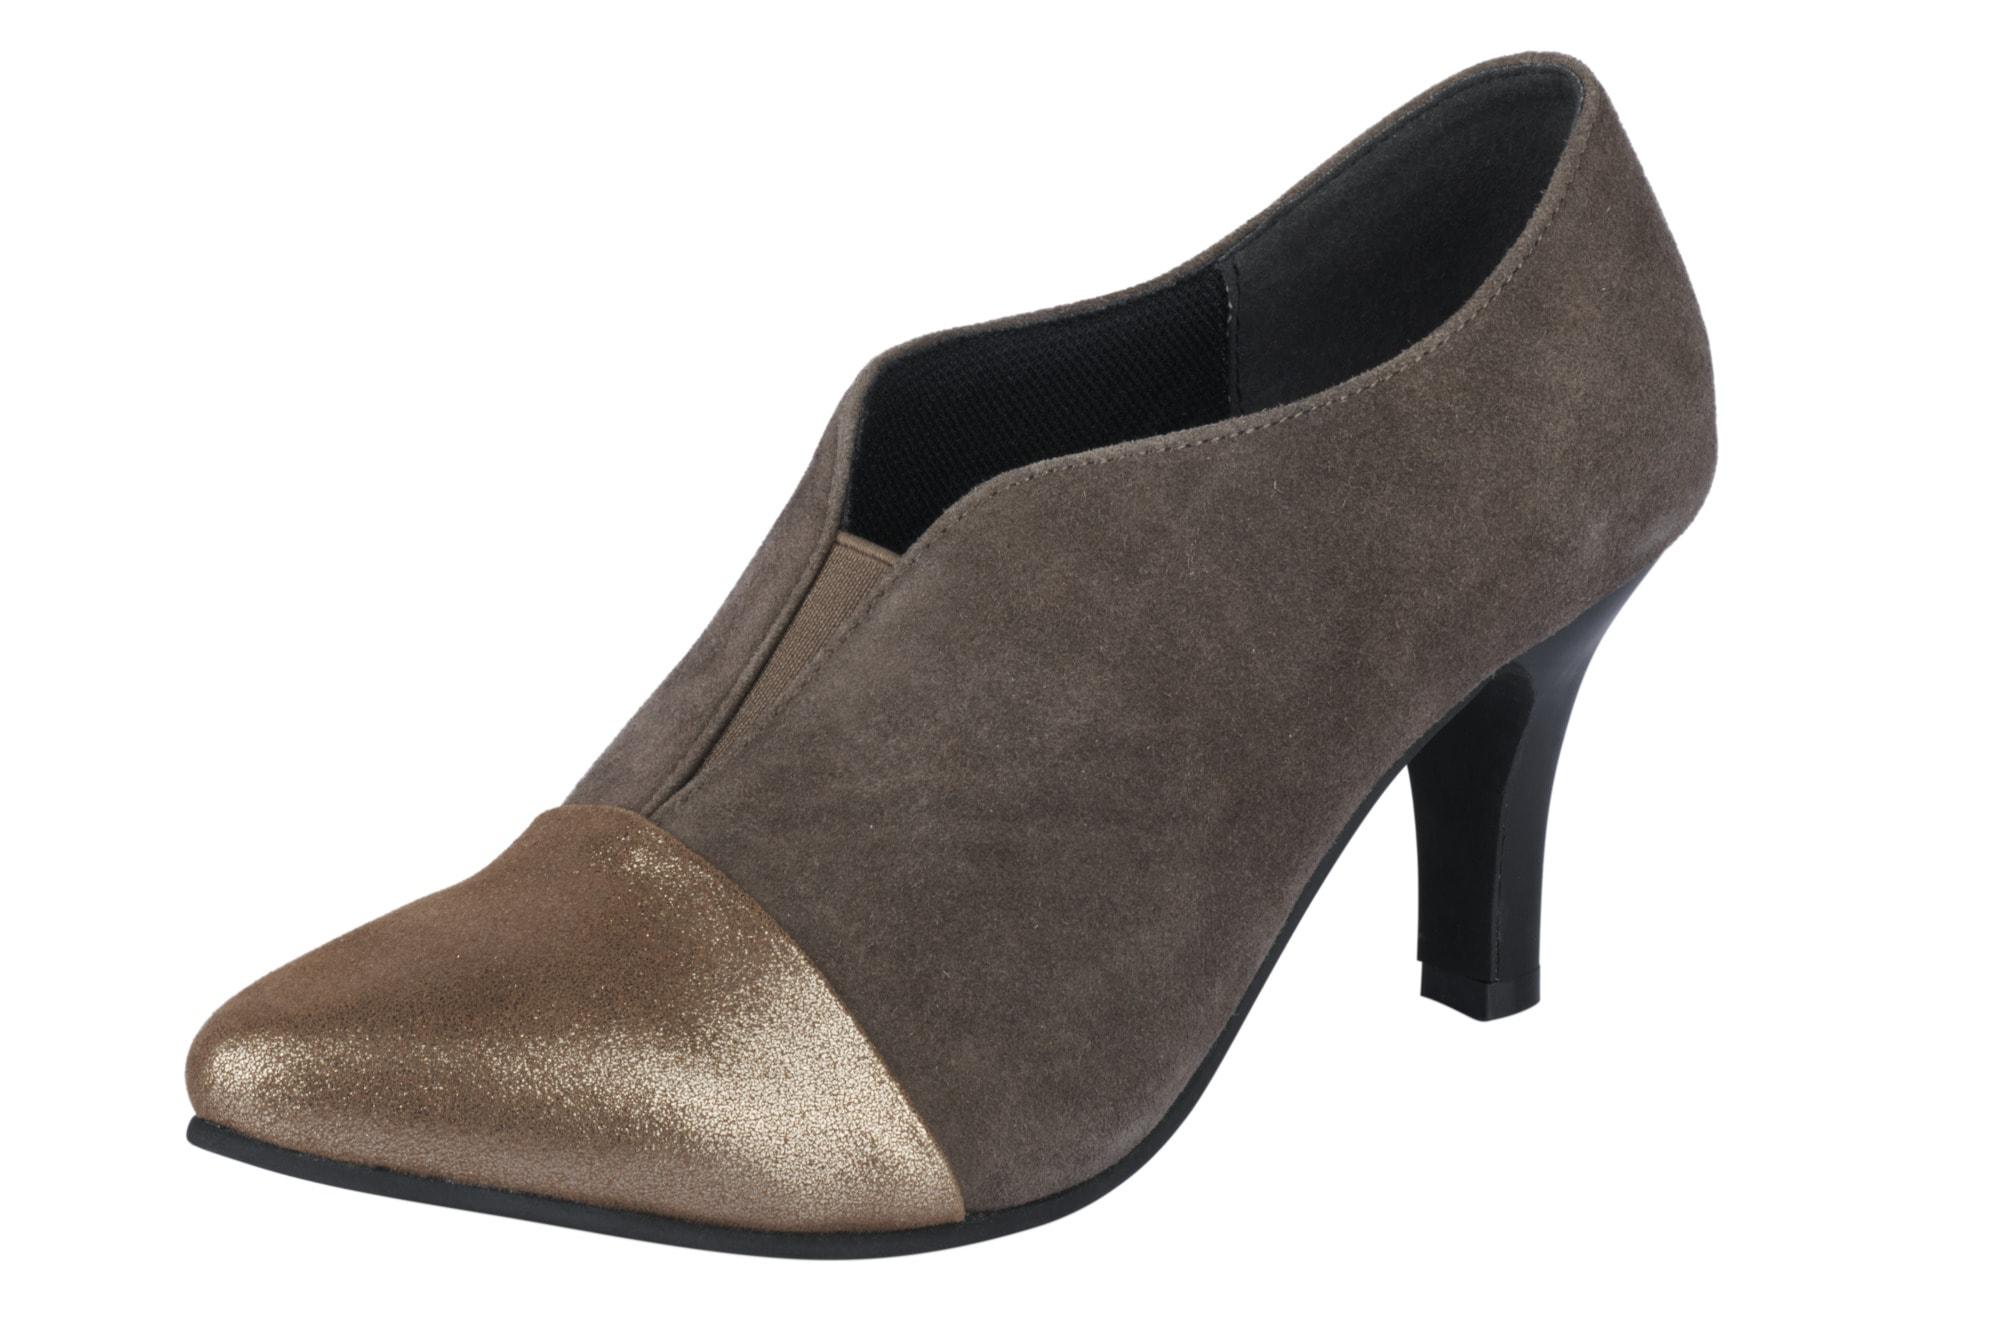 Andrea Conti Hochfrontpumps im Materialmix | Schuhe > Pumps > Hochfrontpumps | Andrea Conti